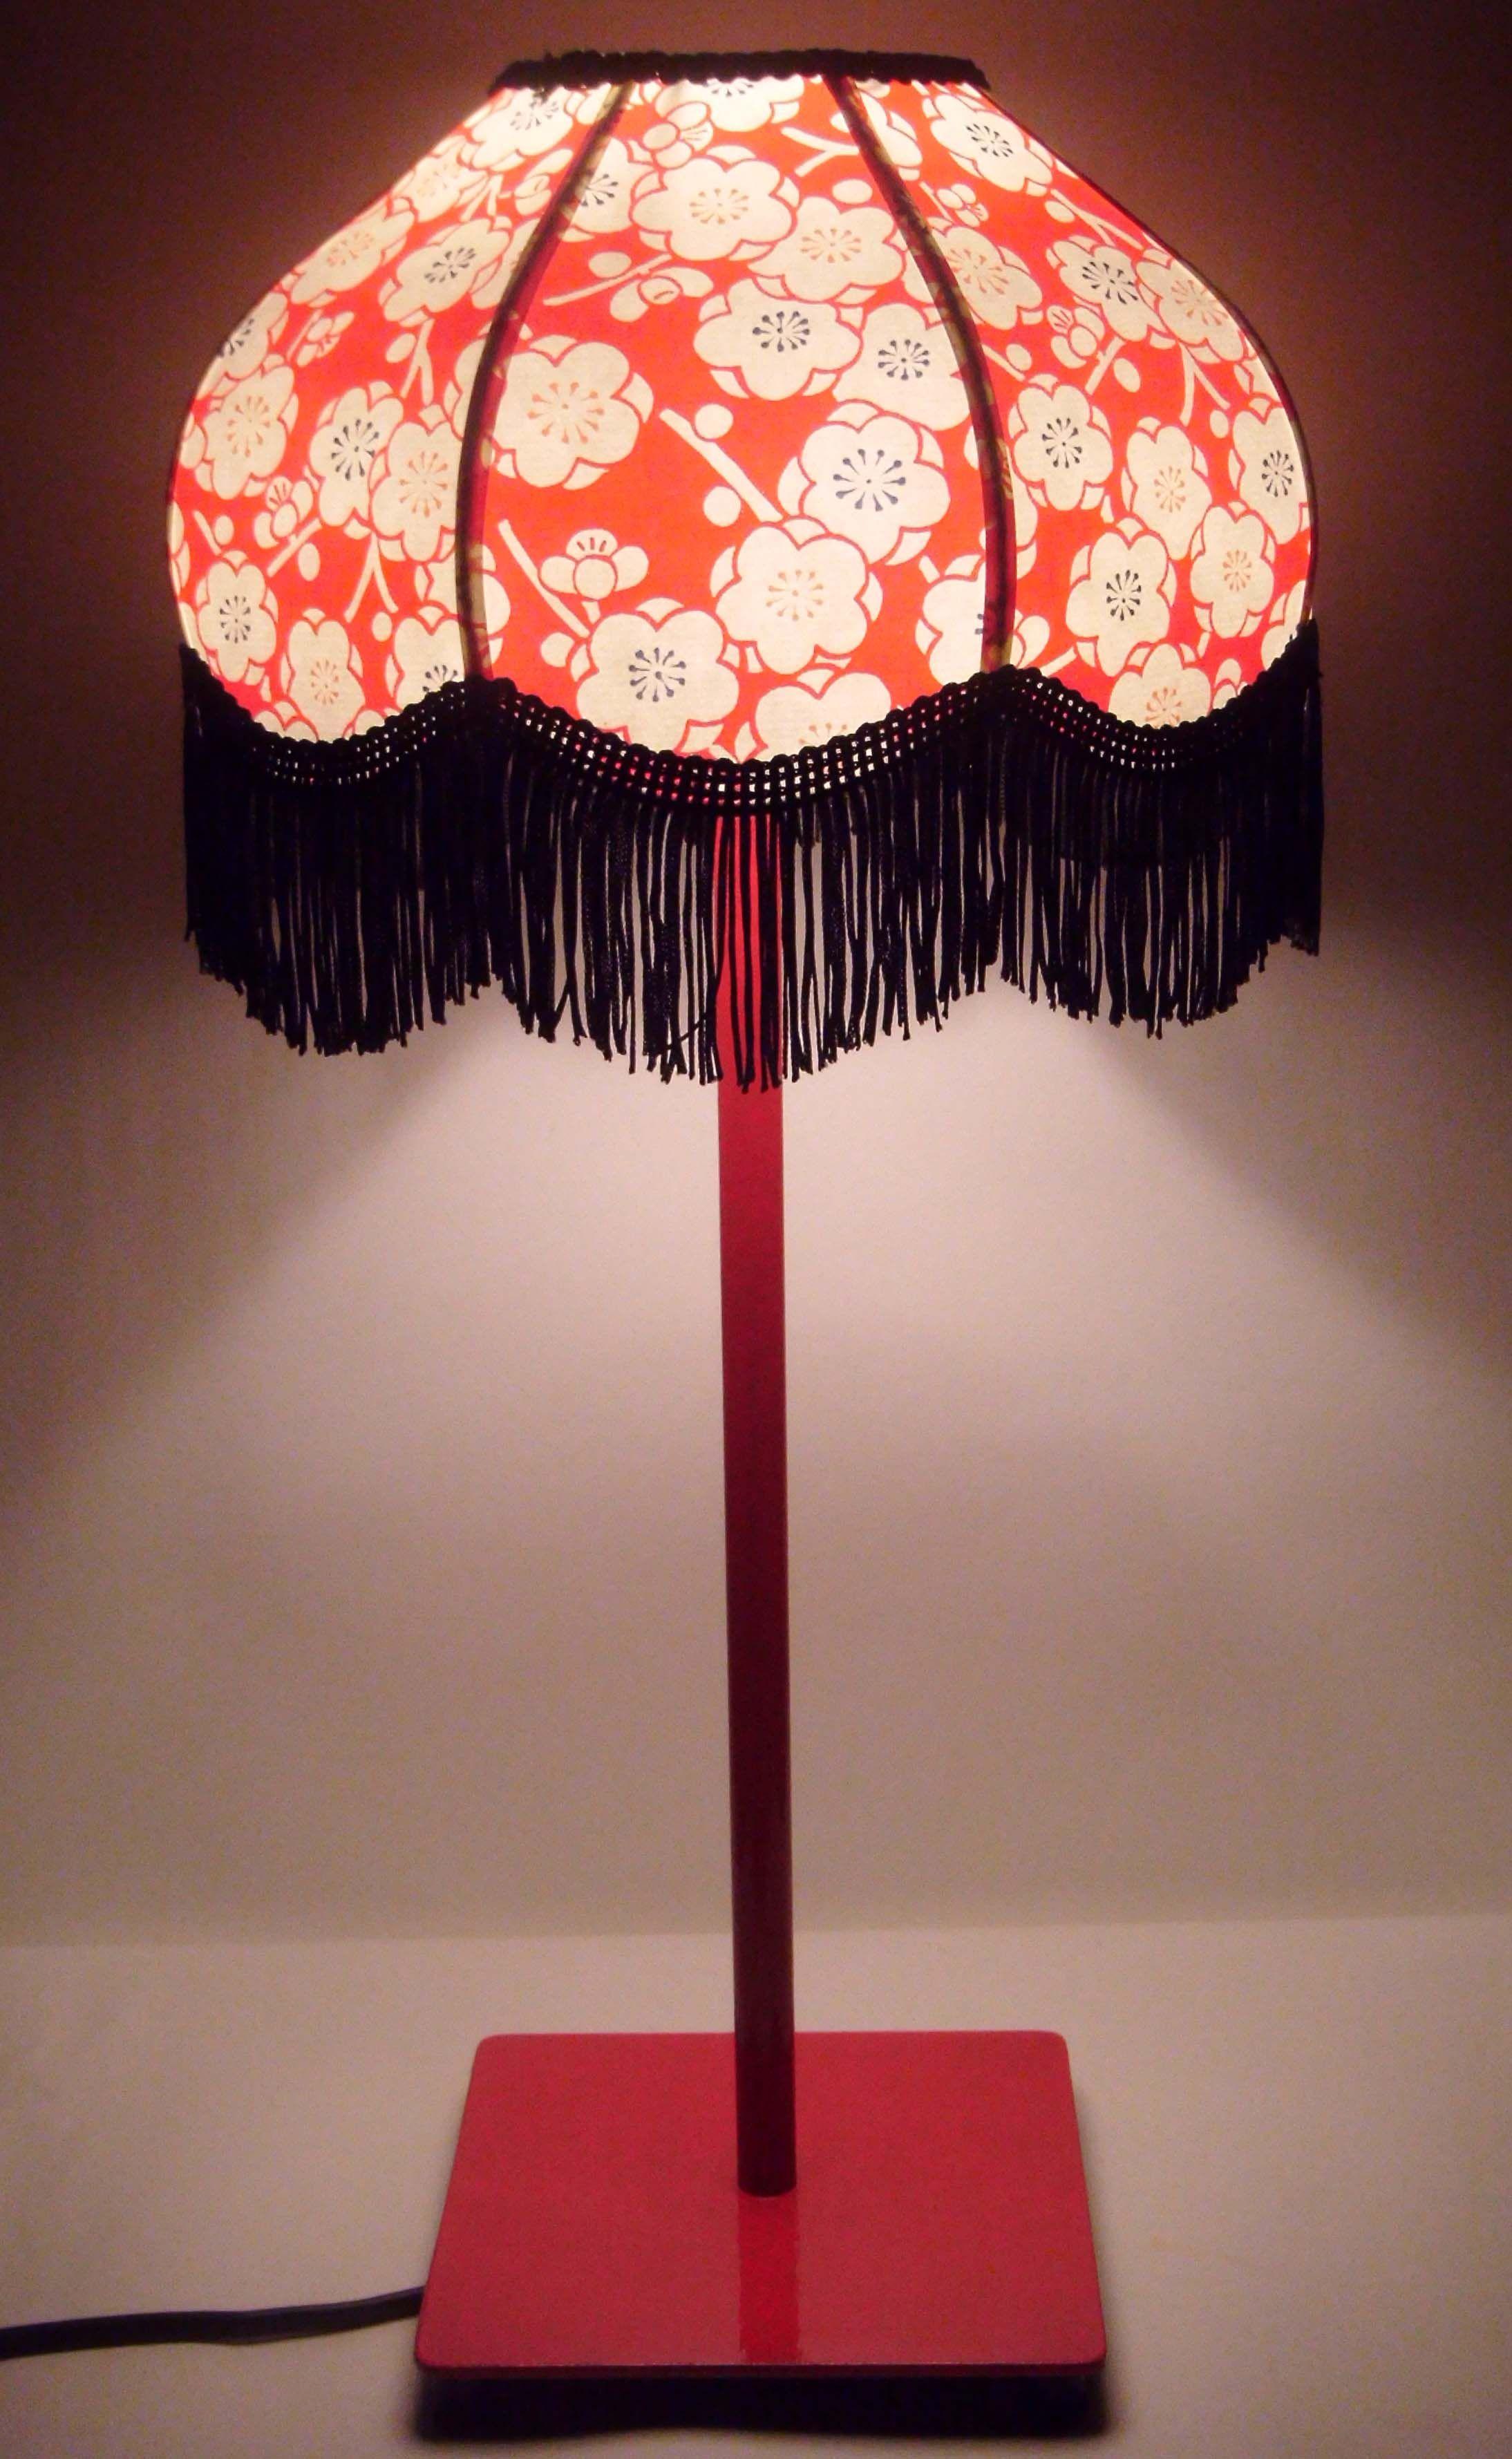 Lampe rétro en papier japonais  frange Déco folk Déco bobo